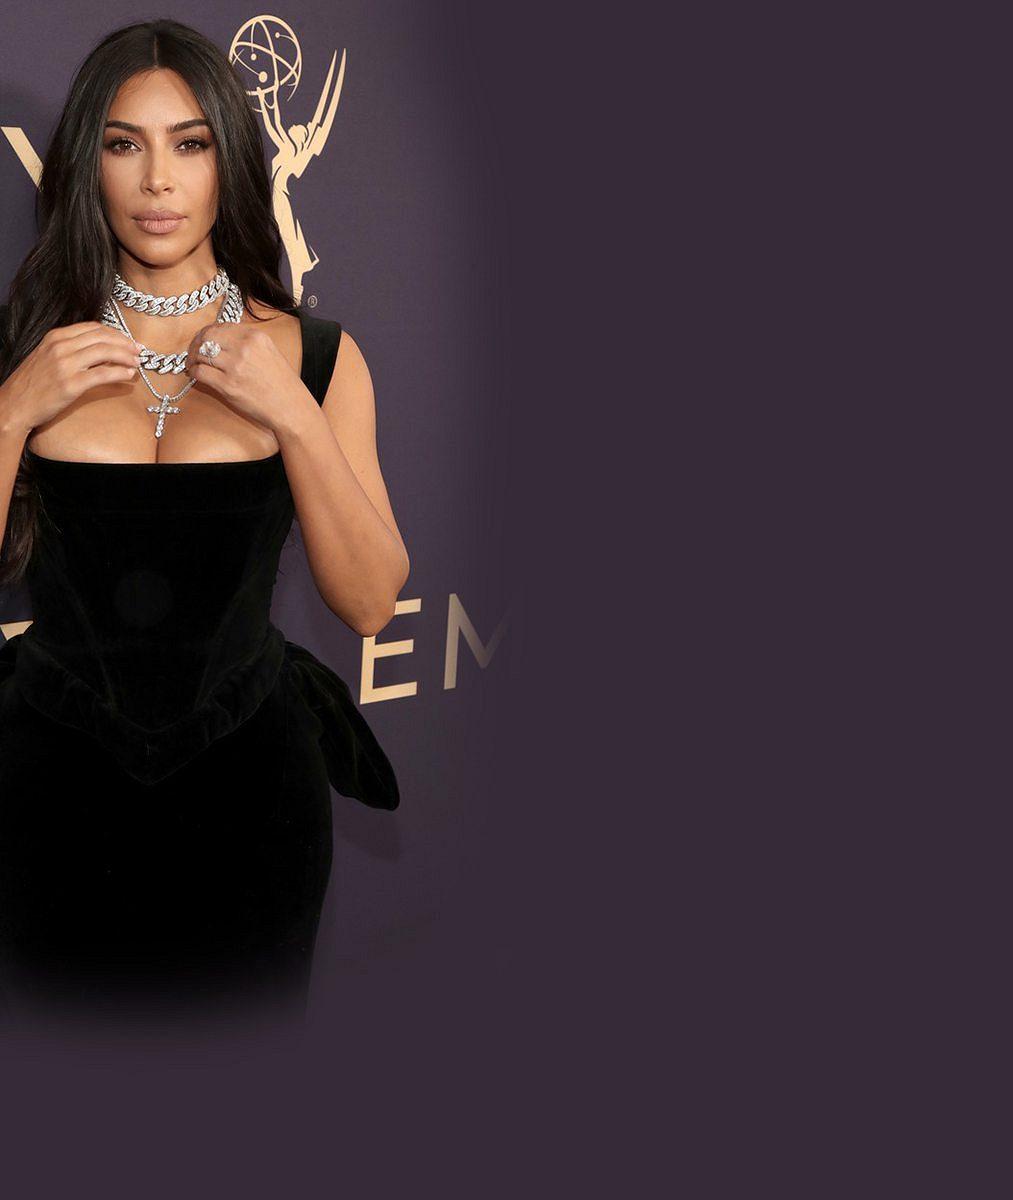 Kim Kardashian už nahou neuvidíte: Tohle přimělo hvězdu, kterou proslavily její obnažené křivky, kradikální změně